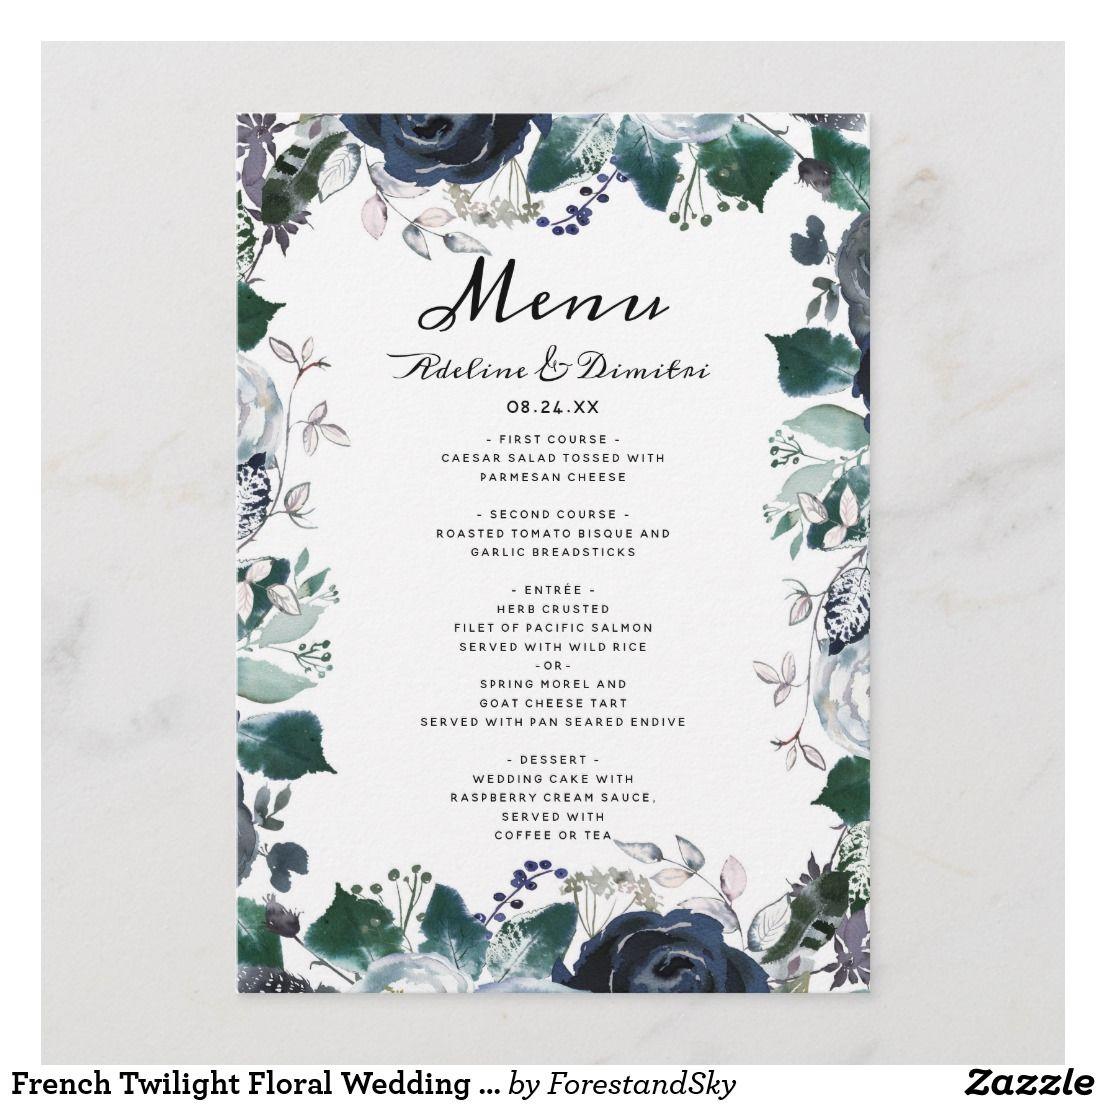 French Twilight Floral Wedding Reception Dinner Menu | Wedding ...